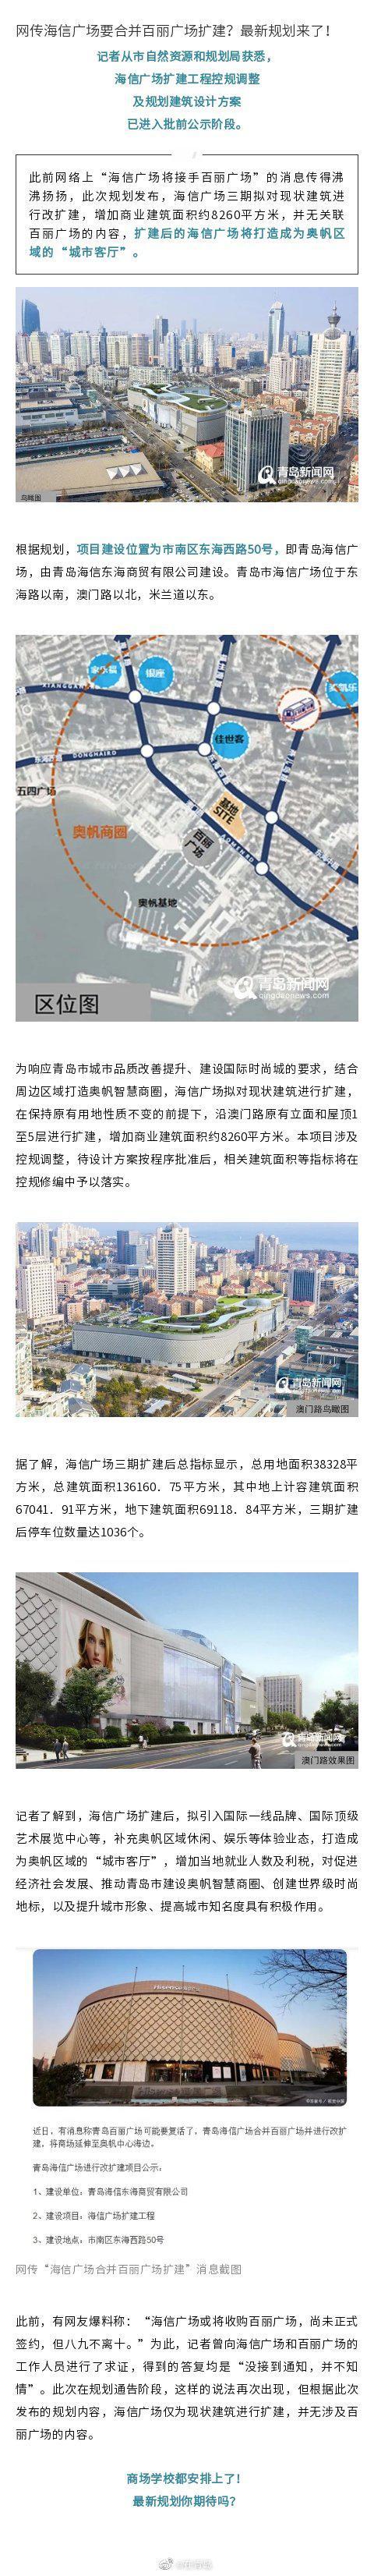 网传海信广场要合并百丽广场扩建?最新规划来了!